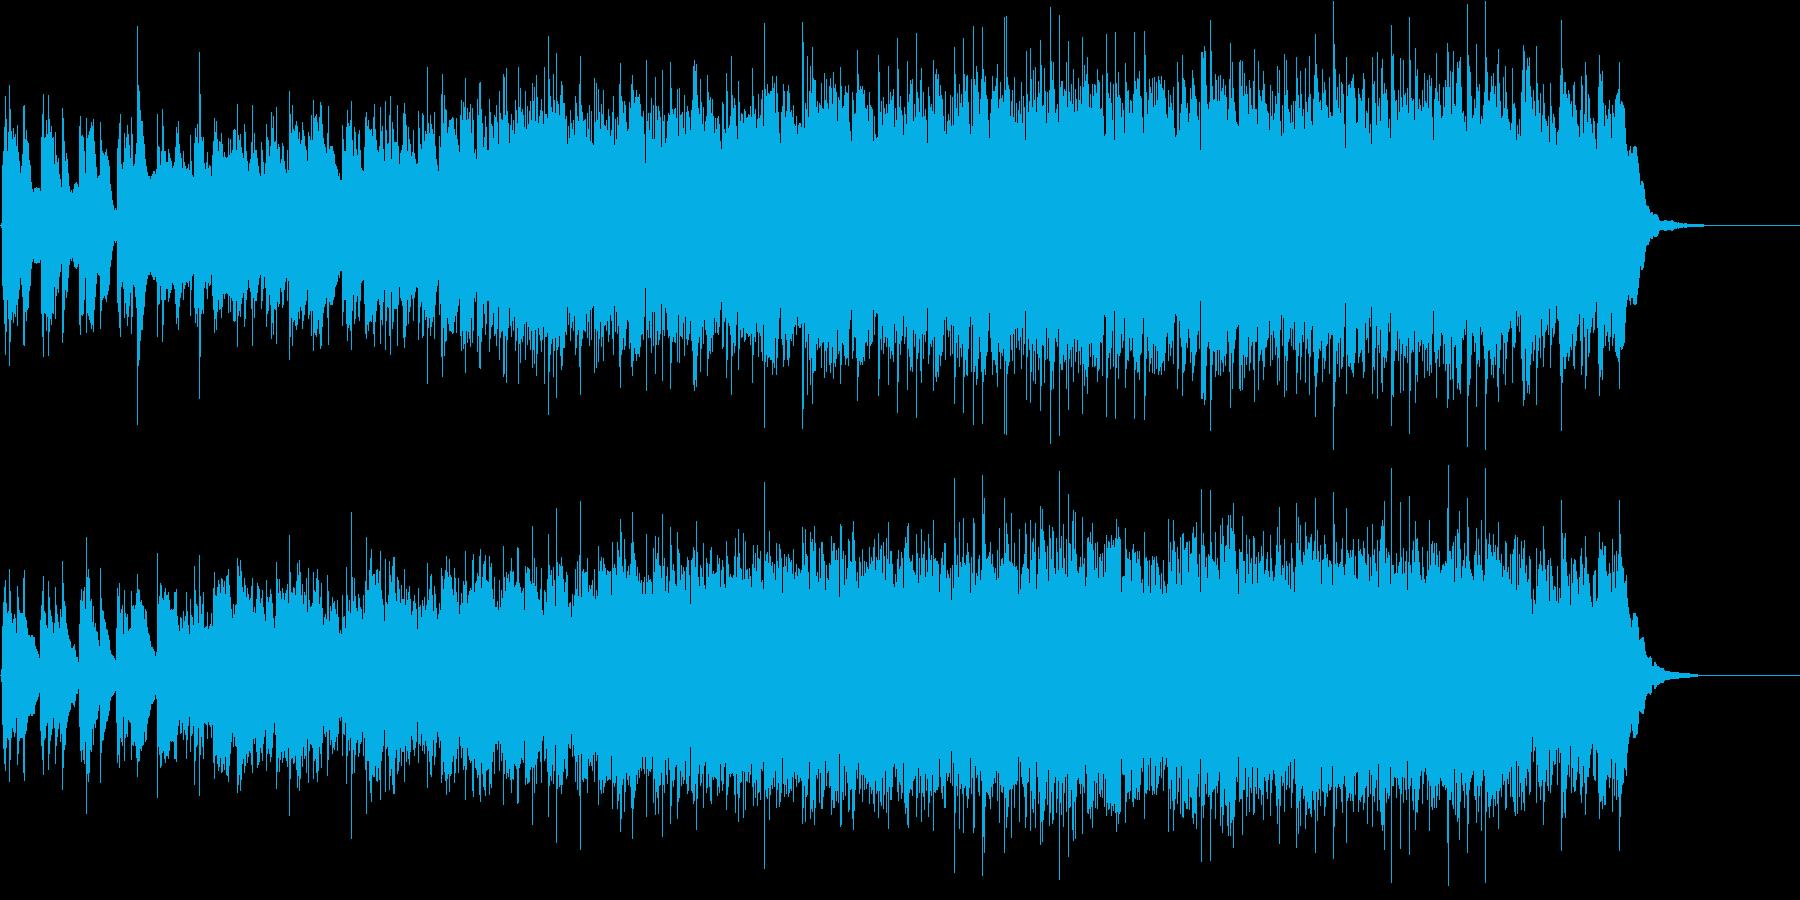 西部劇風アコースティック・ロックの再生済みの波形